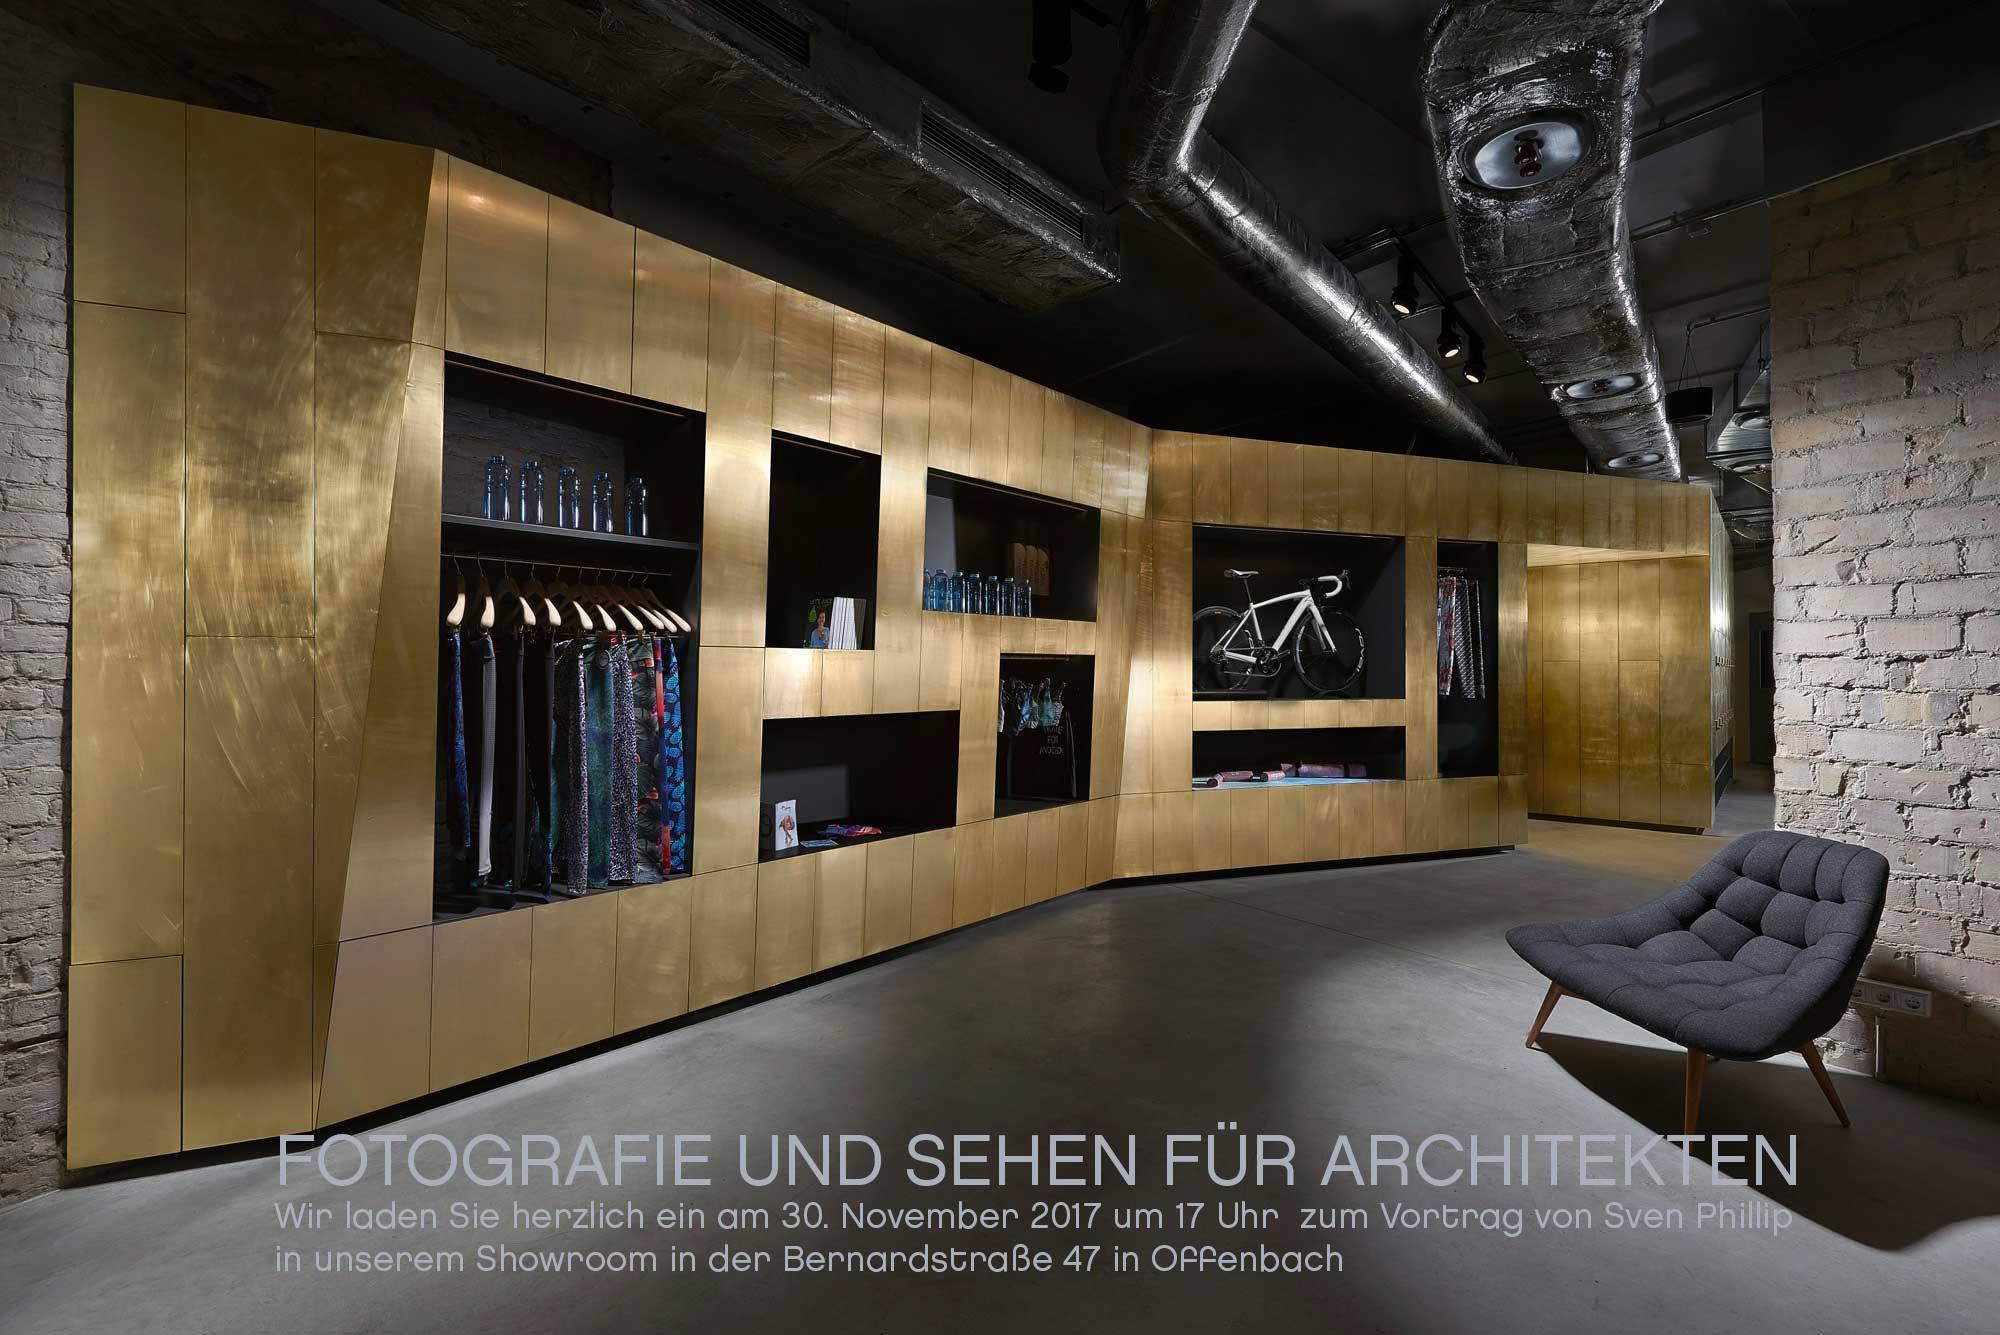 fotografie-und-sehen-fuer-architekten